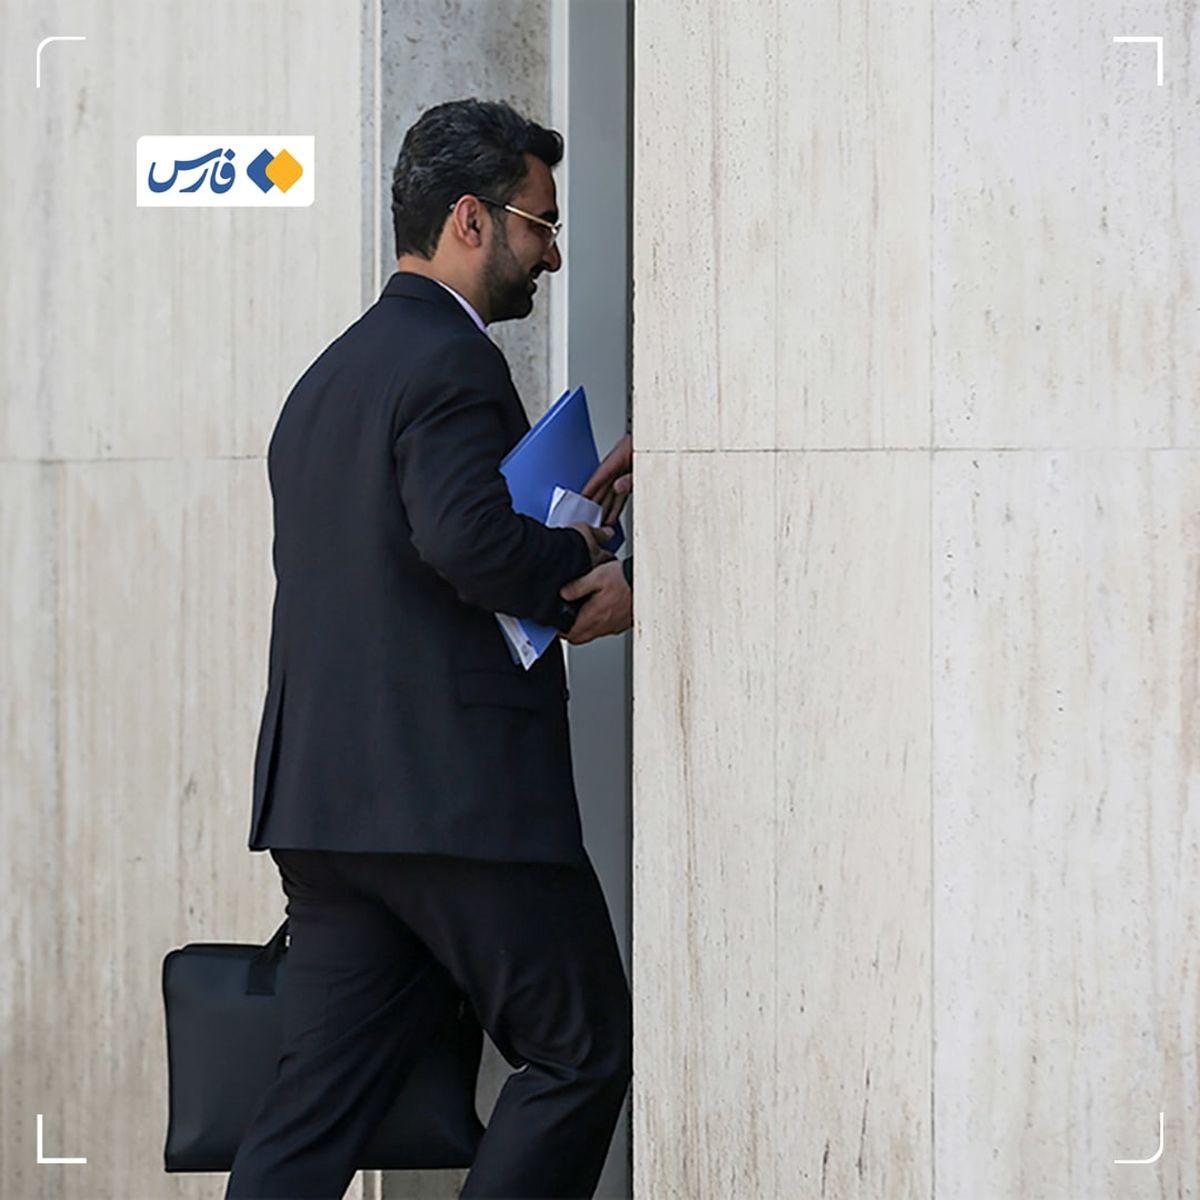 علت احضار آذری جهرمی به دادگاه چه بود؟